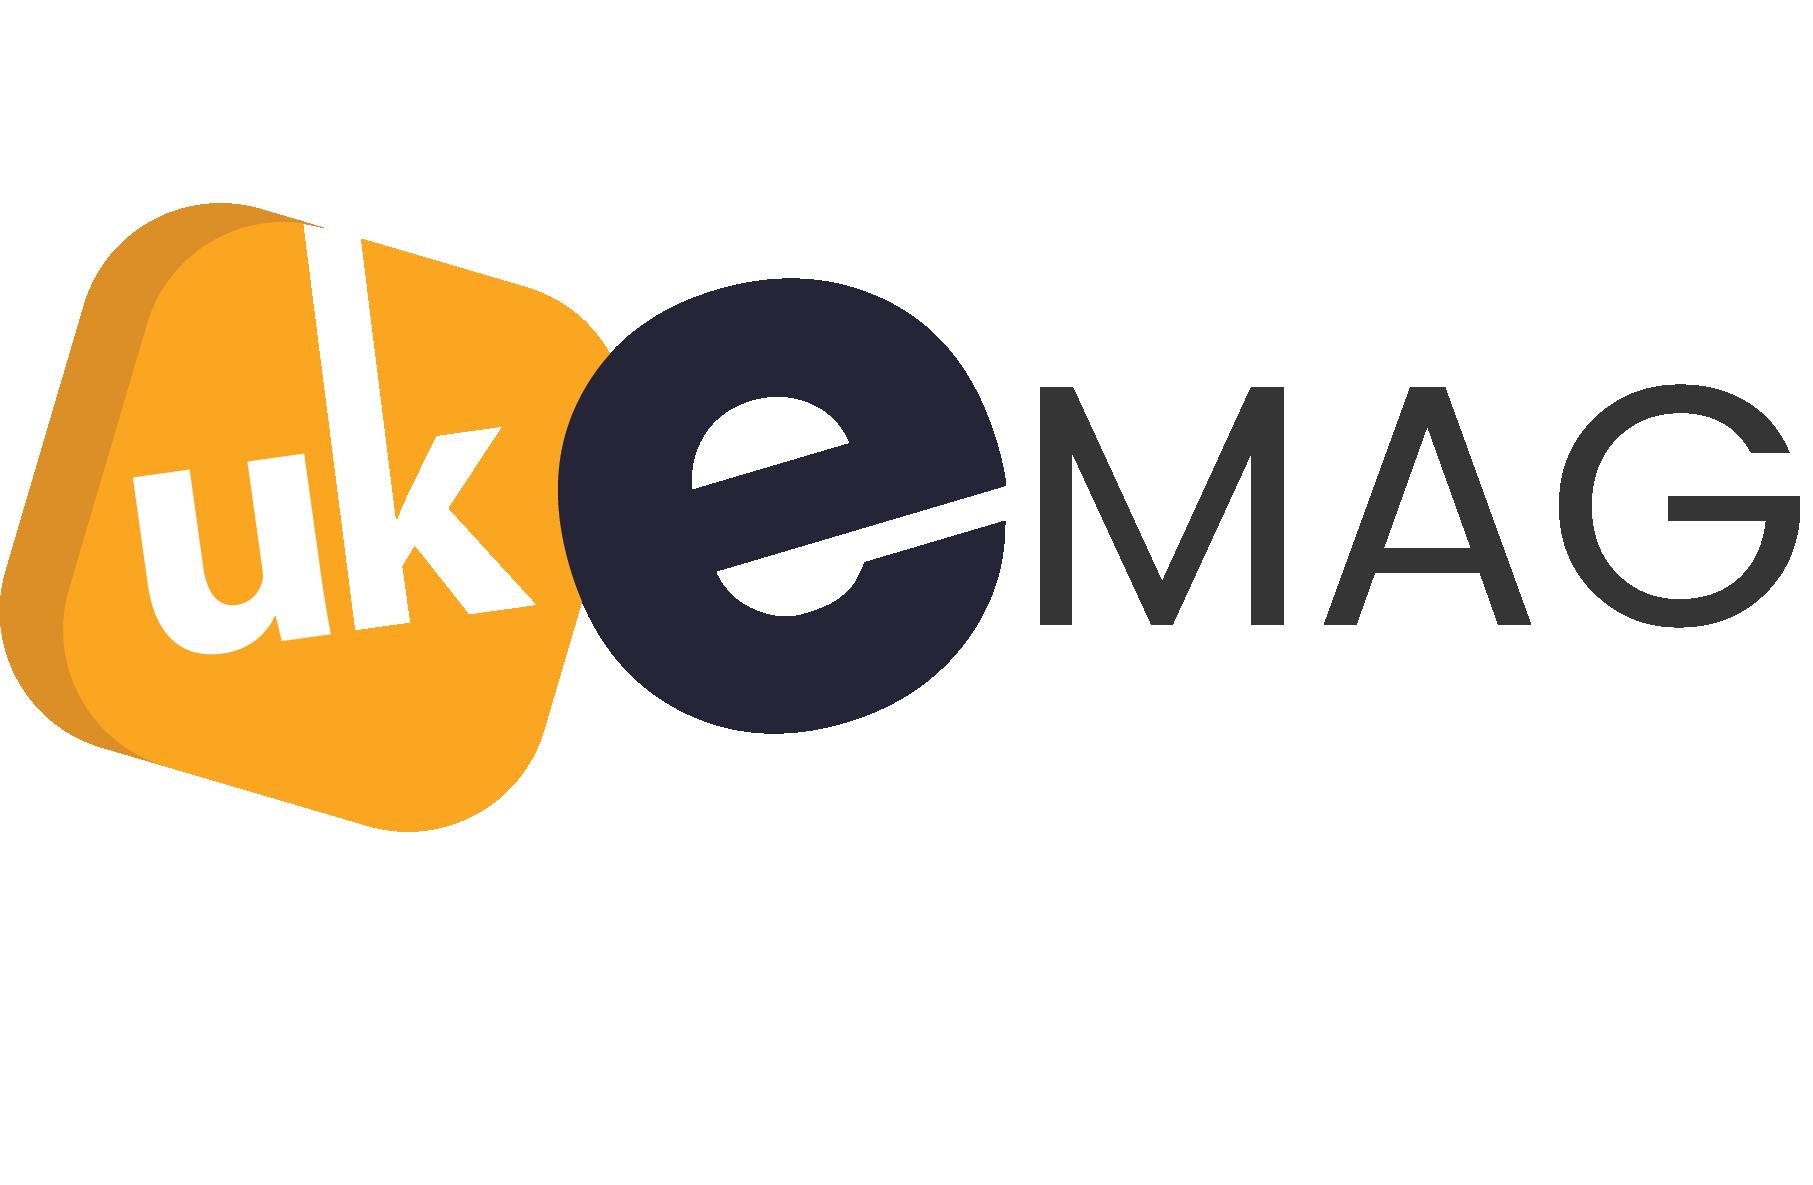 ukemag.com